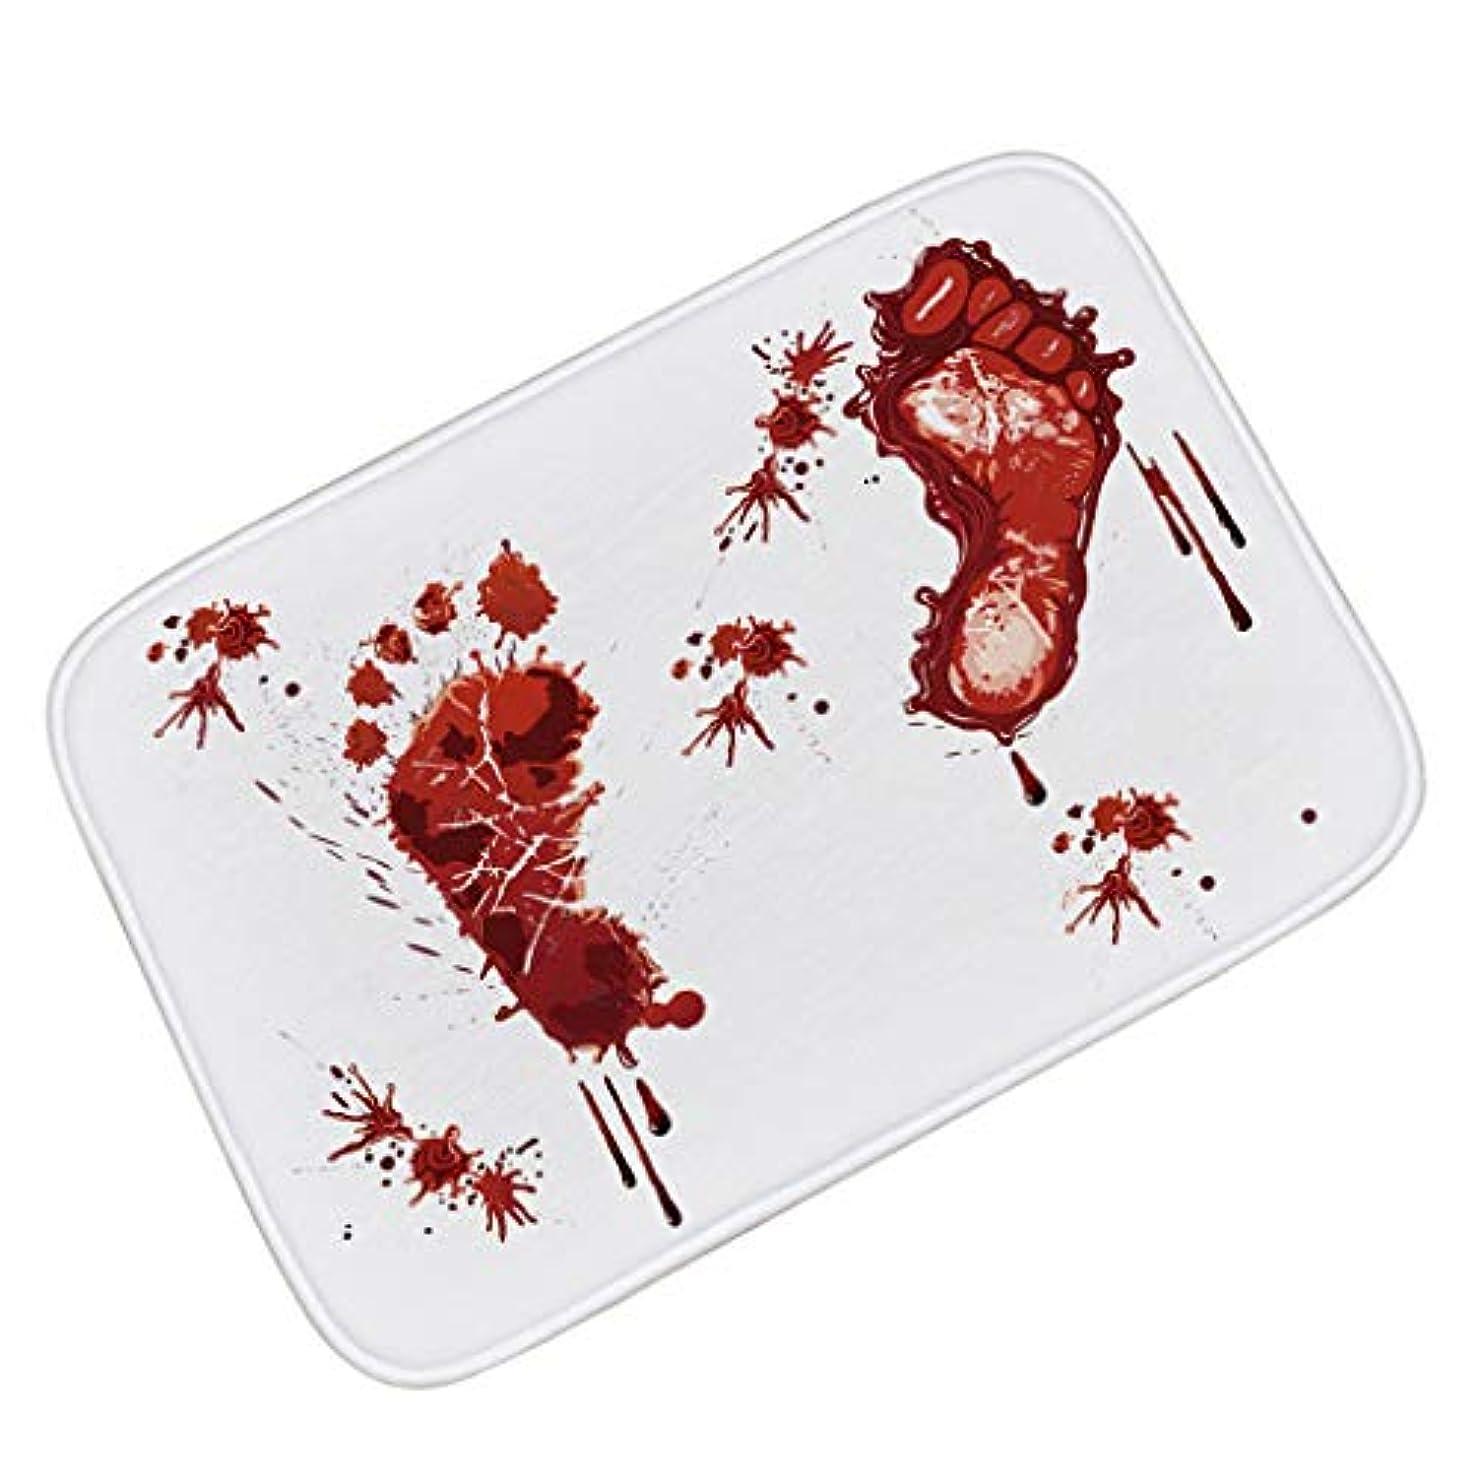 消える気怠いアマゾンジャングルハロウィーンの装飾のマット、血の足跡のスリップ防止マットのホラー血まみれのドアのマット (Color : 40*60CM)